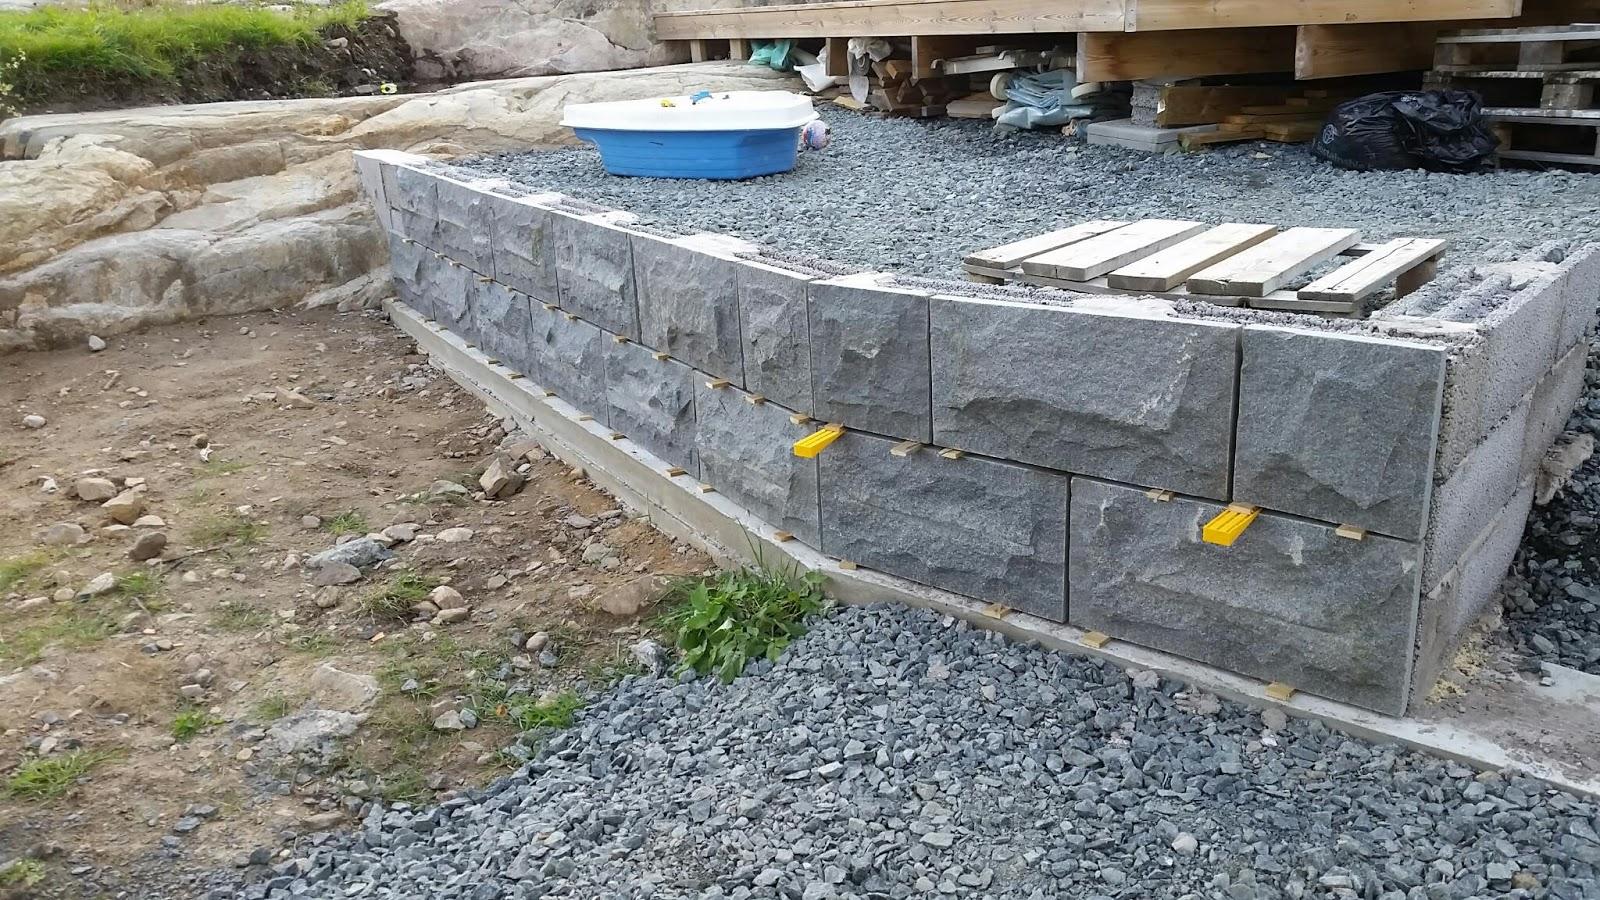 Murbeklädnad betong